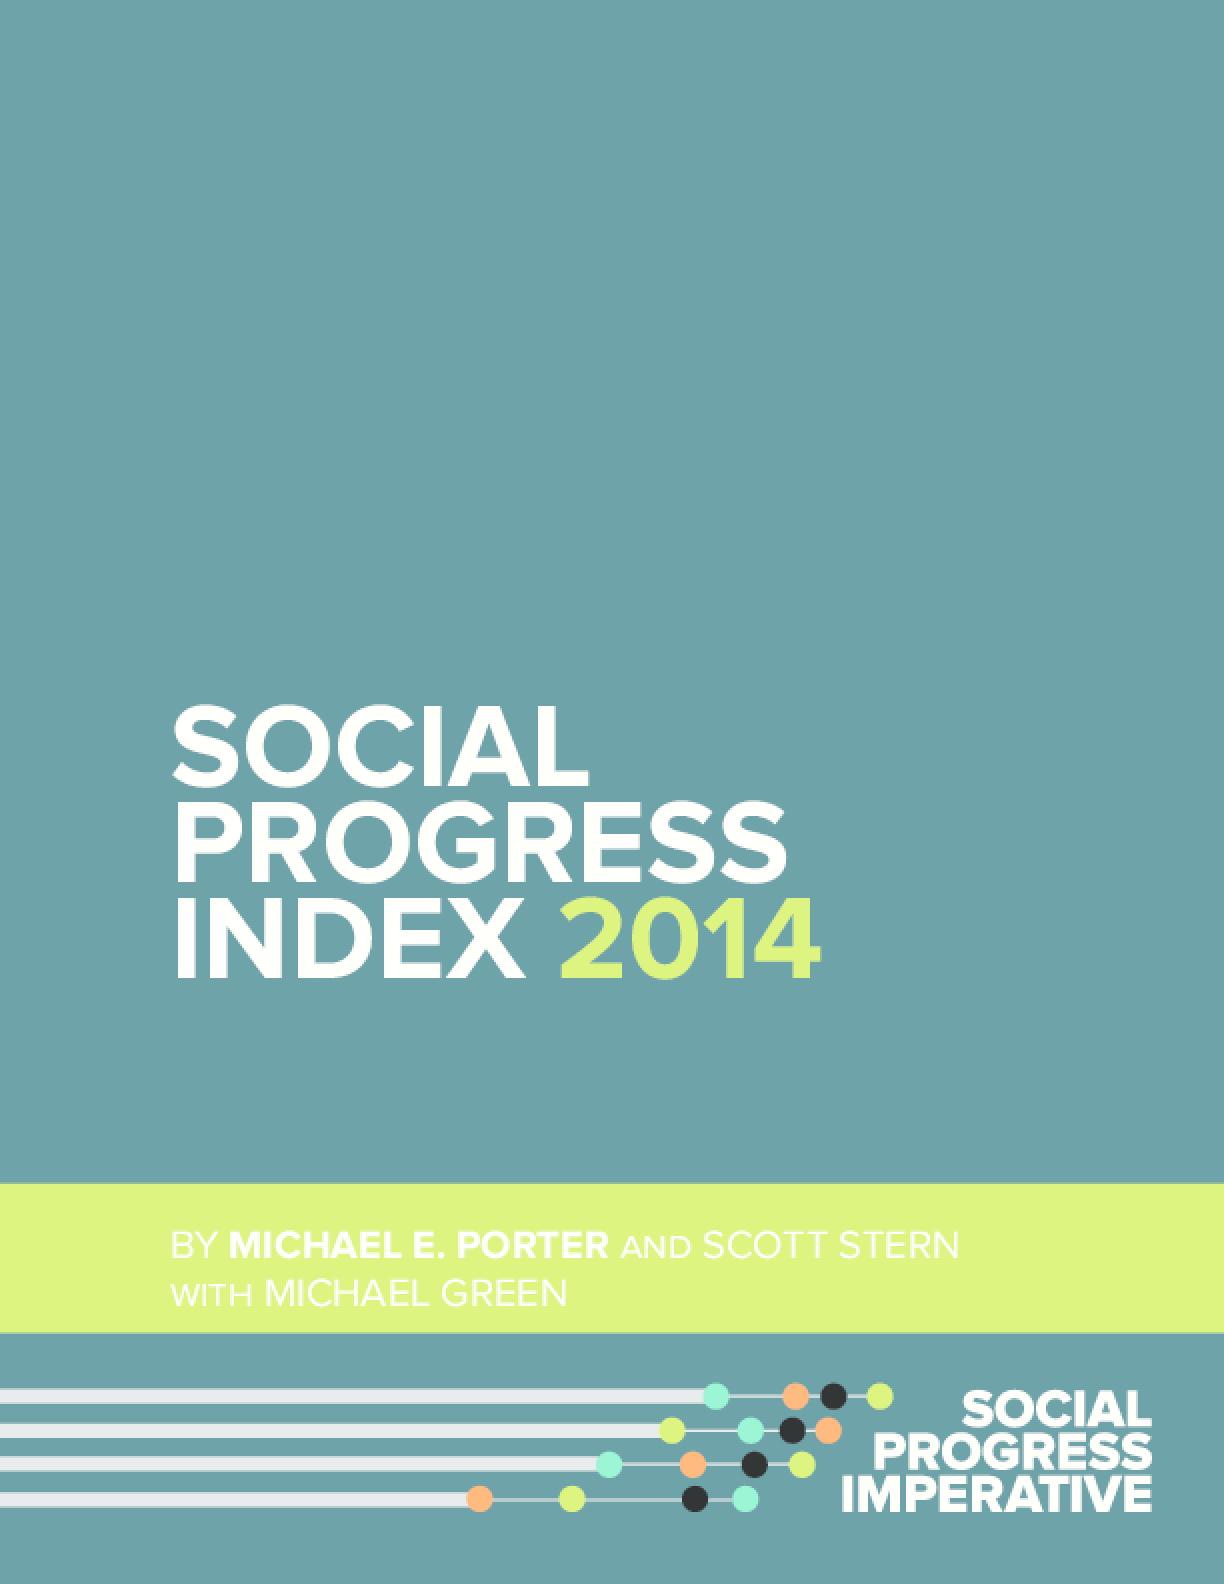 Social Progress Index 2014